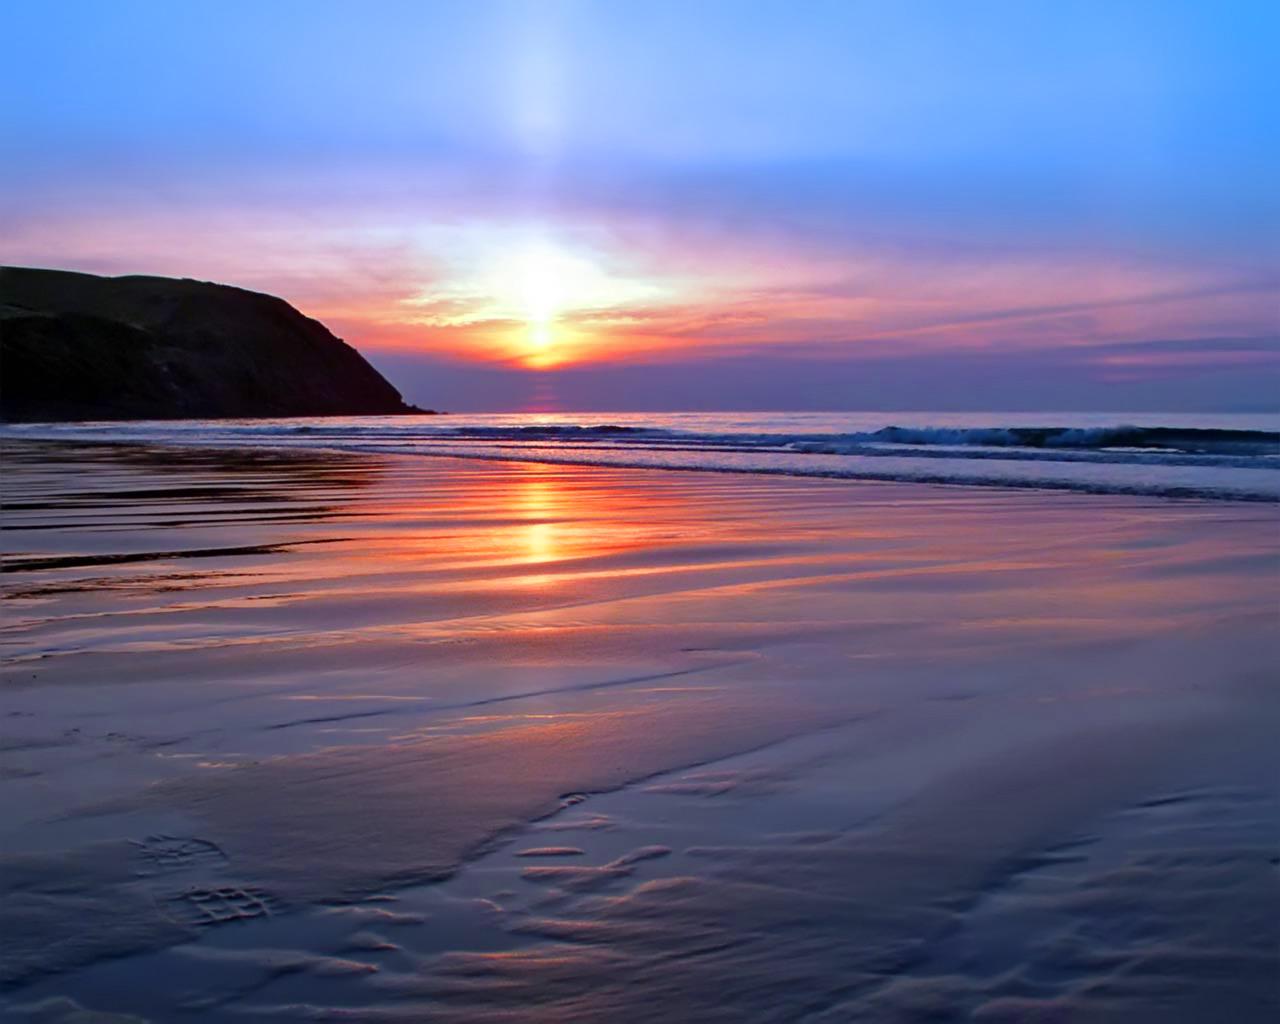 beach sunset wallpaper 1280x1024